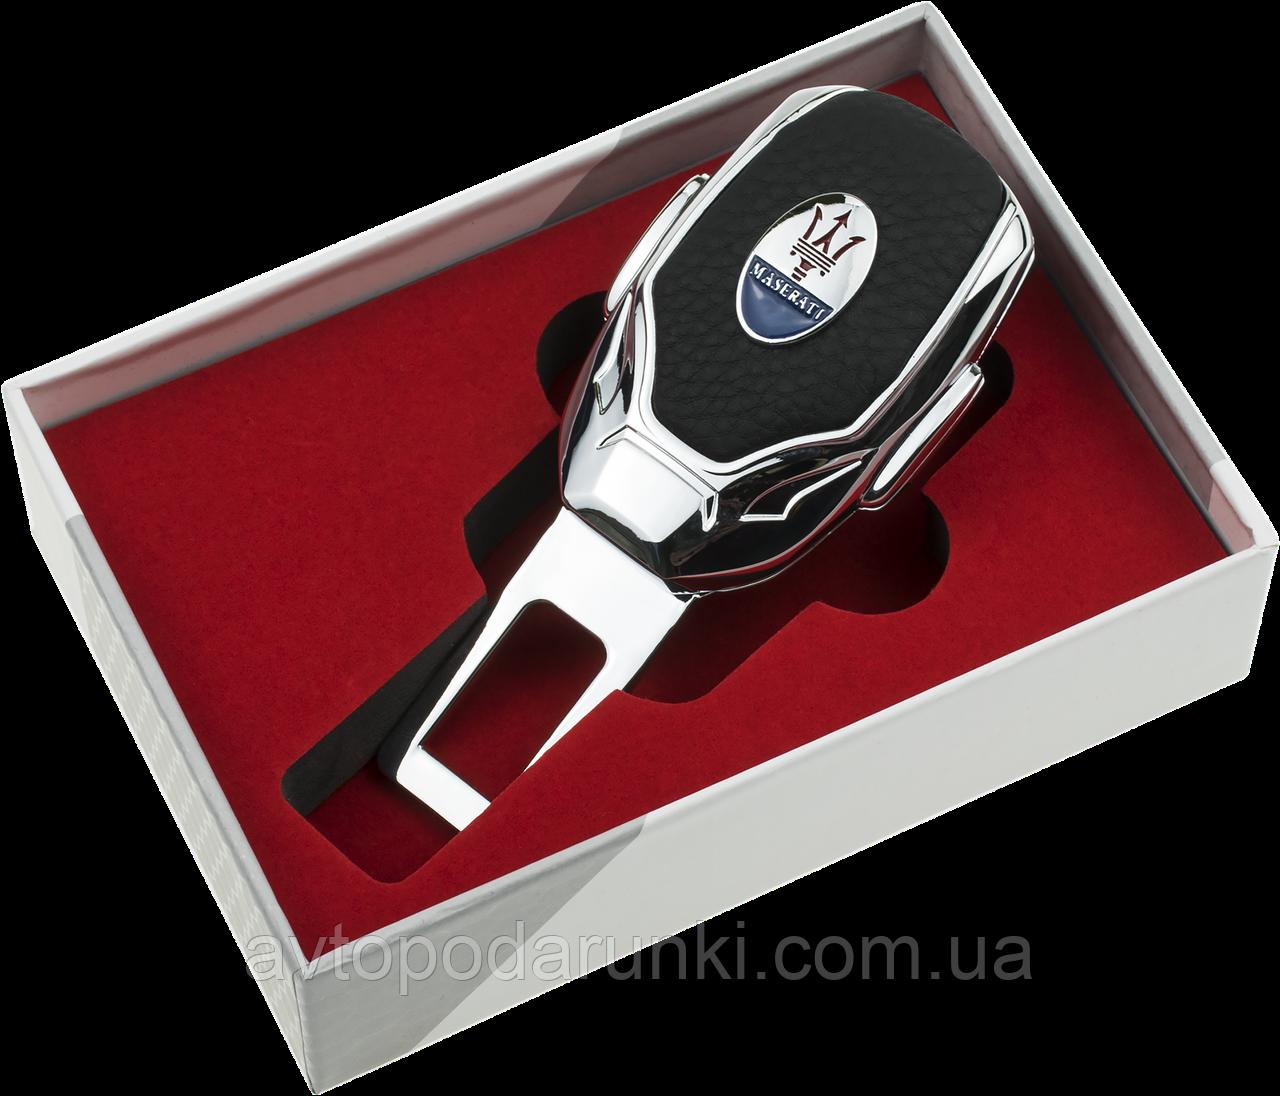 Заглушка - переходник ремня безопасности  с логотипом MASERATI VIP КЛАССА (Авиационная сталь, кожа)